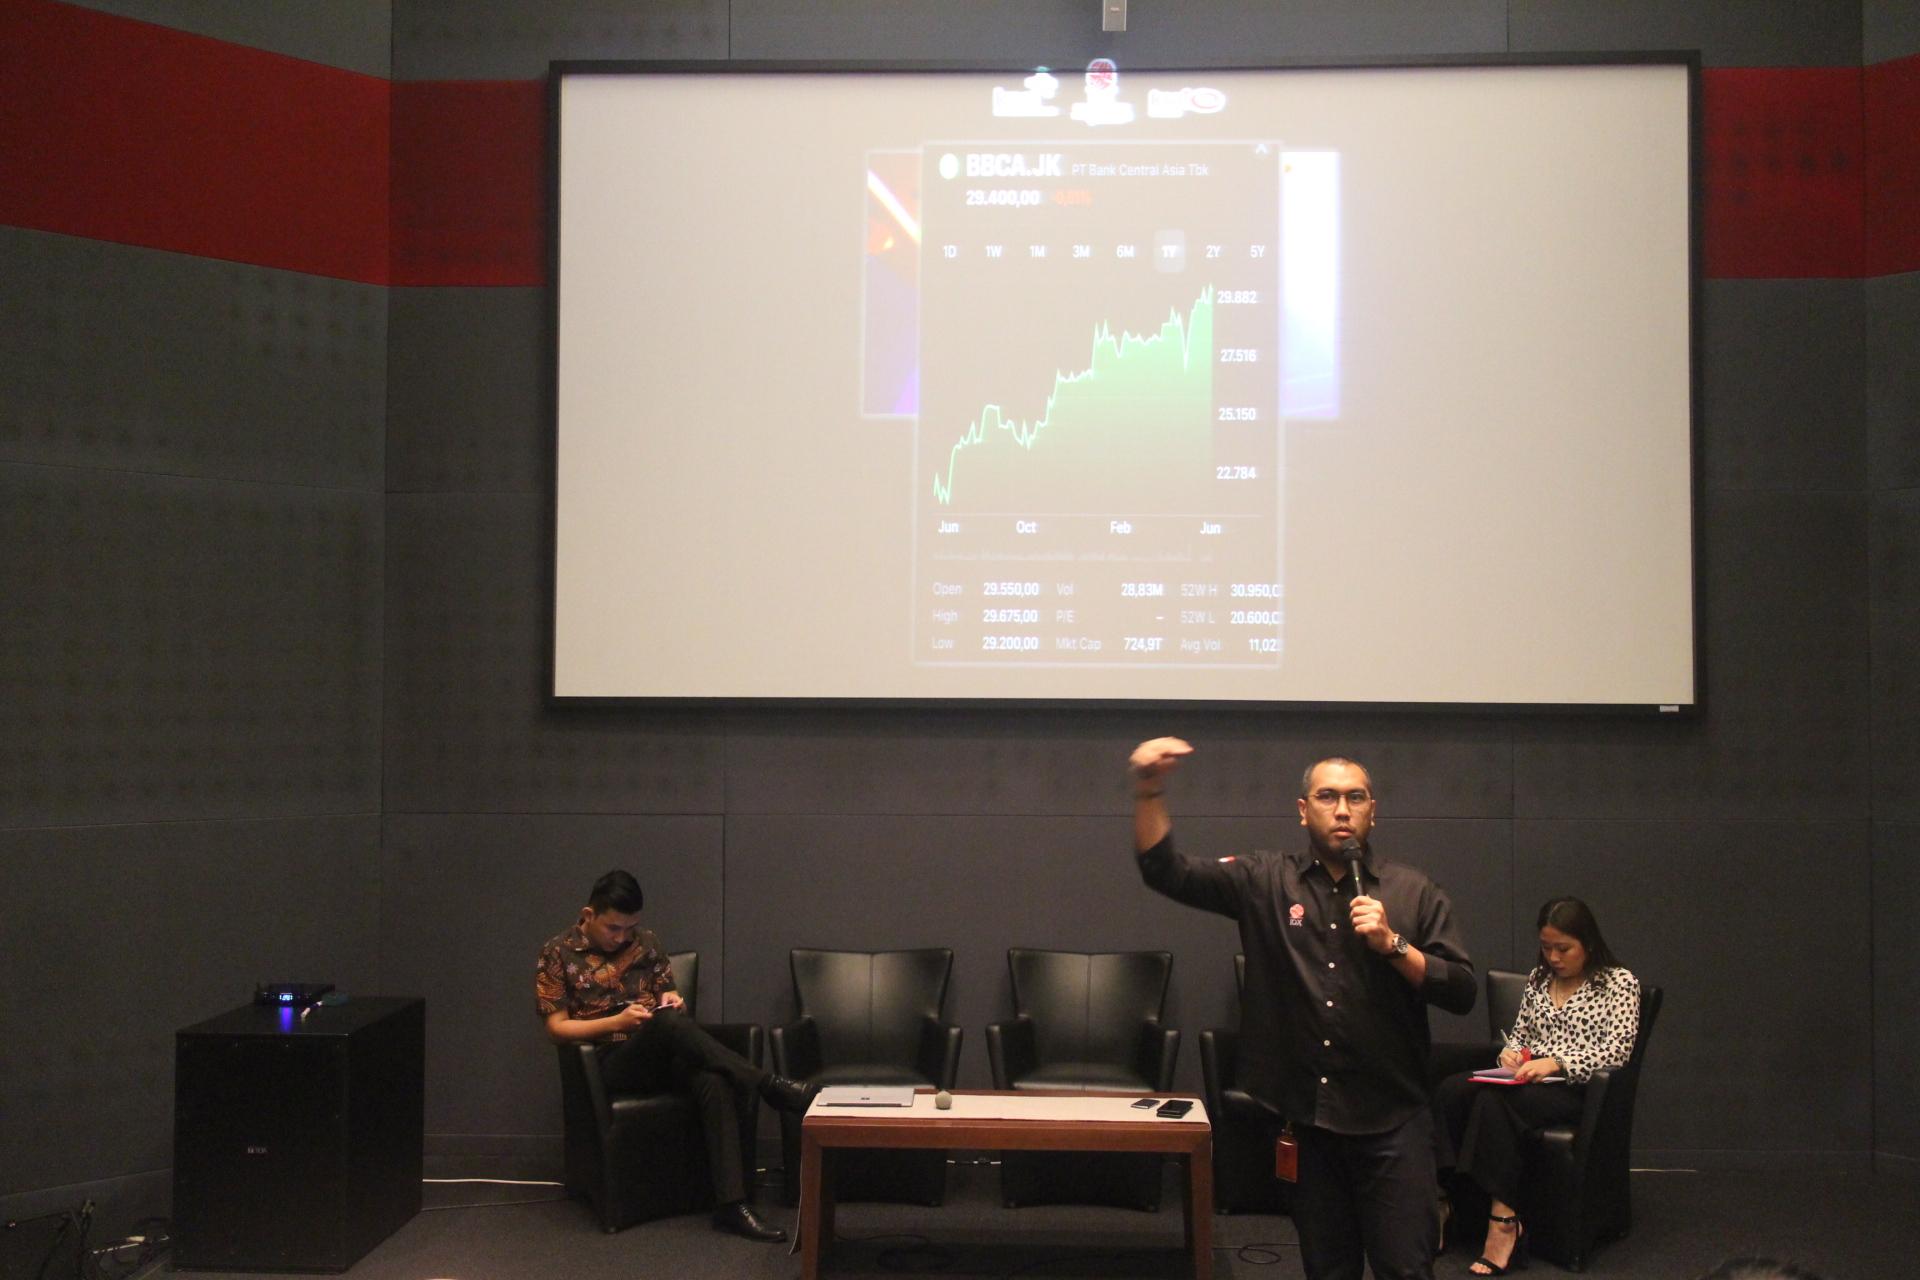 reksadana Indopremier, beli reksadana di IPOT, investasi pasar modal di reksadana, investasi uang di reksadana, cara mendapatkan uang dari internet melalui reksadana